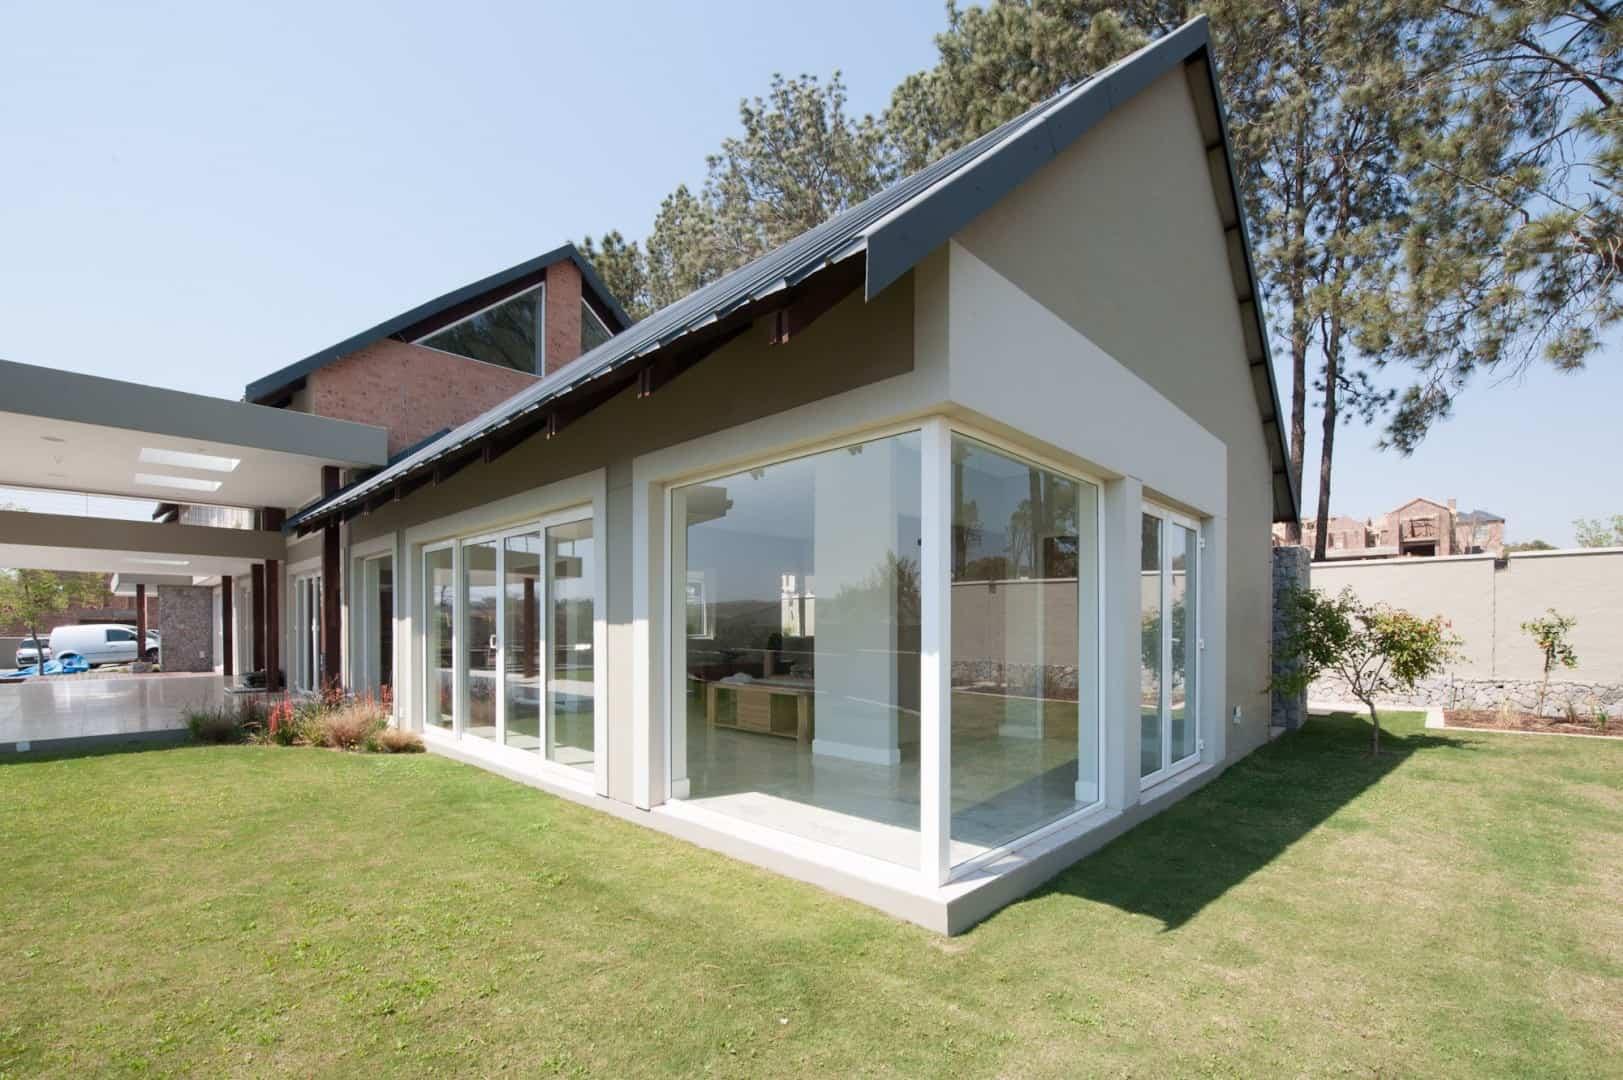 synego de rehau ventanas eficientes y sostenibles e. Black Bedroom Furniture Sets. Home Design Ideas